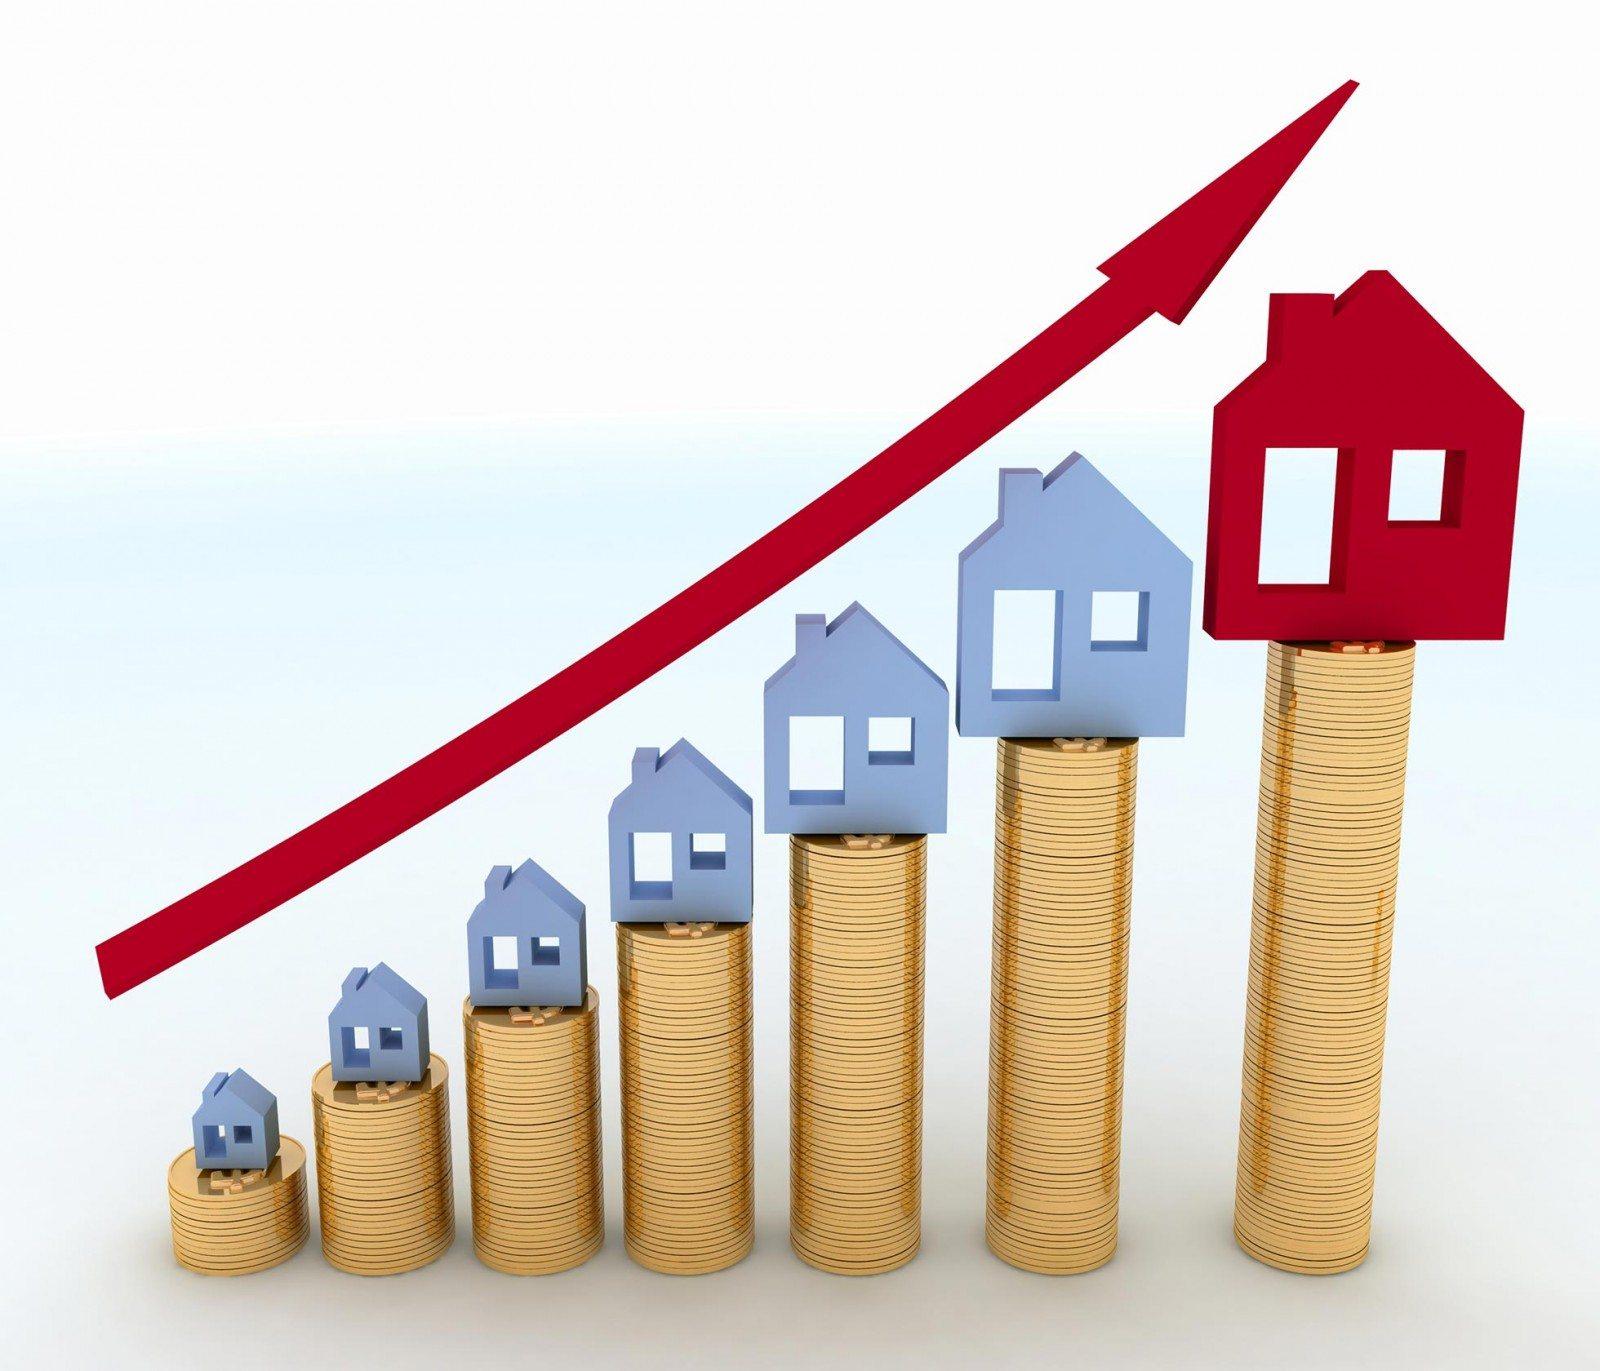 Рост цен на жилье в России никогда не прекратится?